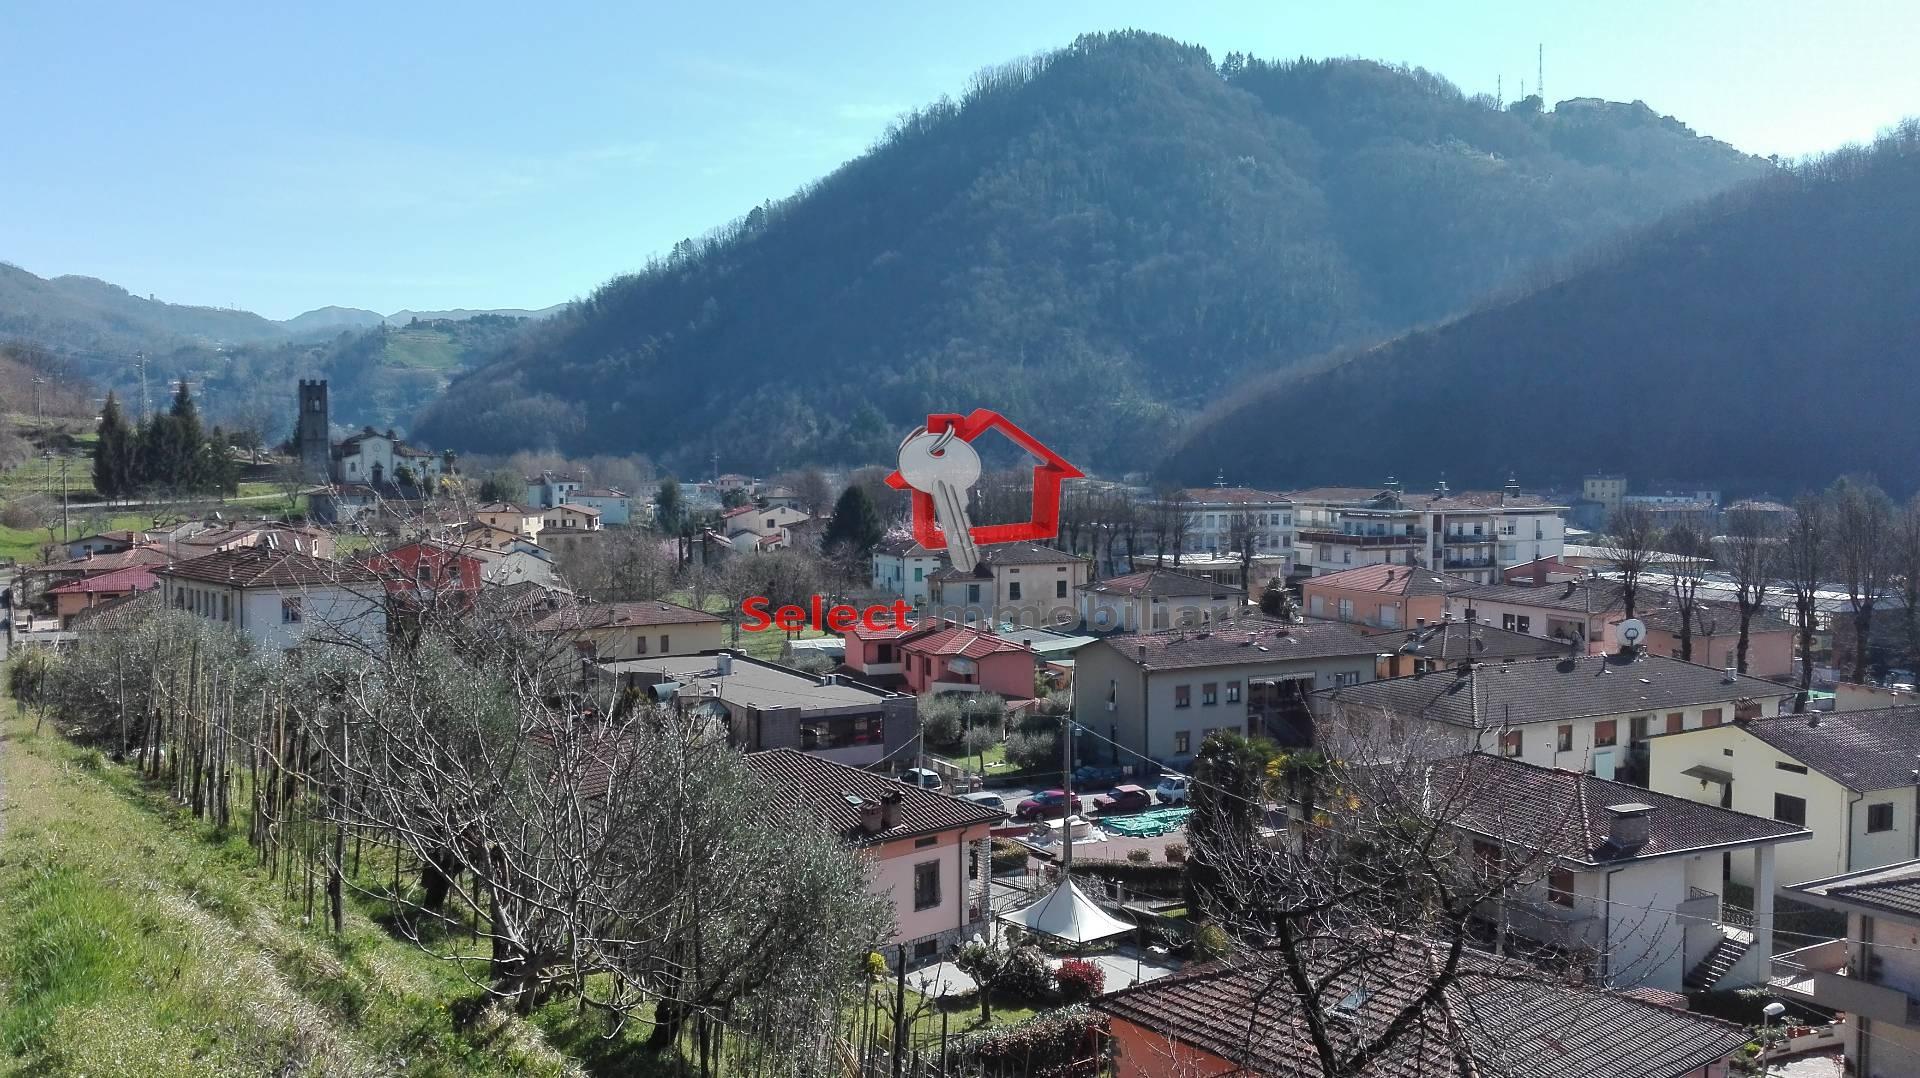 Appartamento in vendita a Bagni di Lucca, 4 locali, zona Zona: Fornoli, prezzo € 90.000 | CambioCasa.it